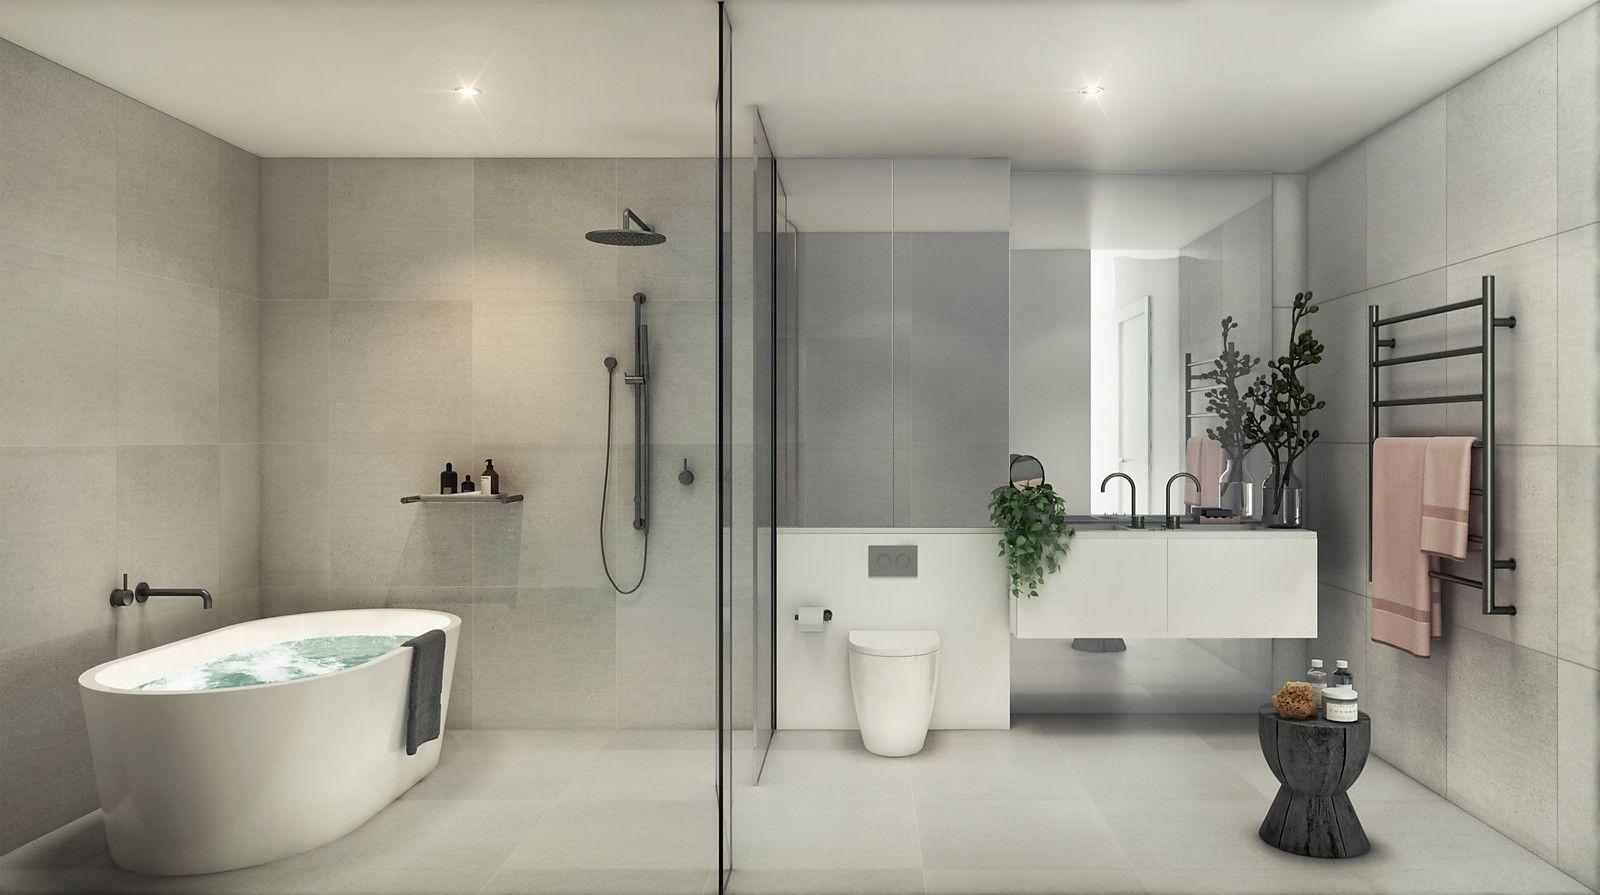 Alara bathroom